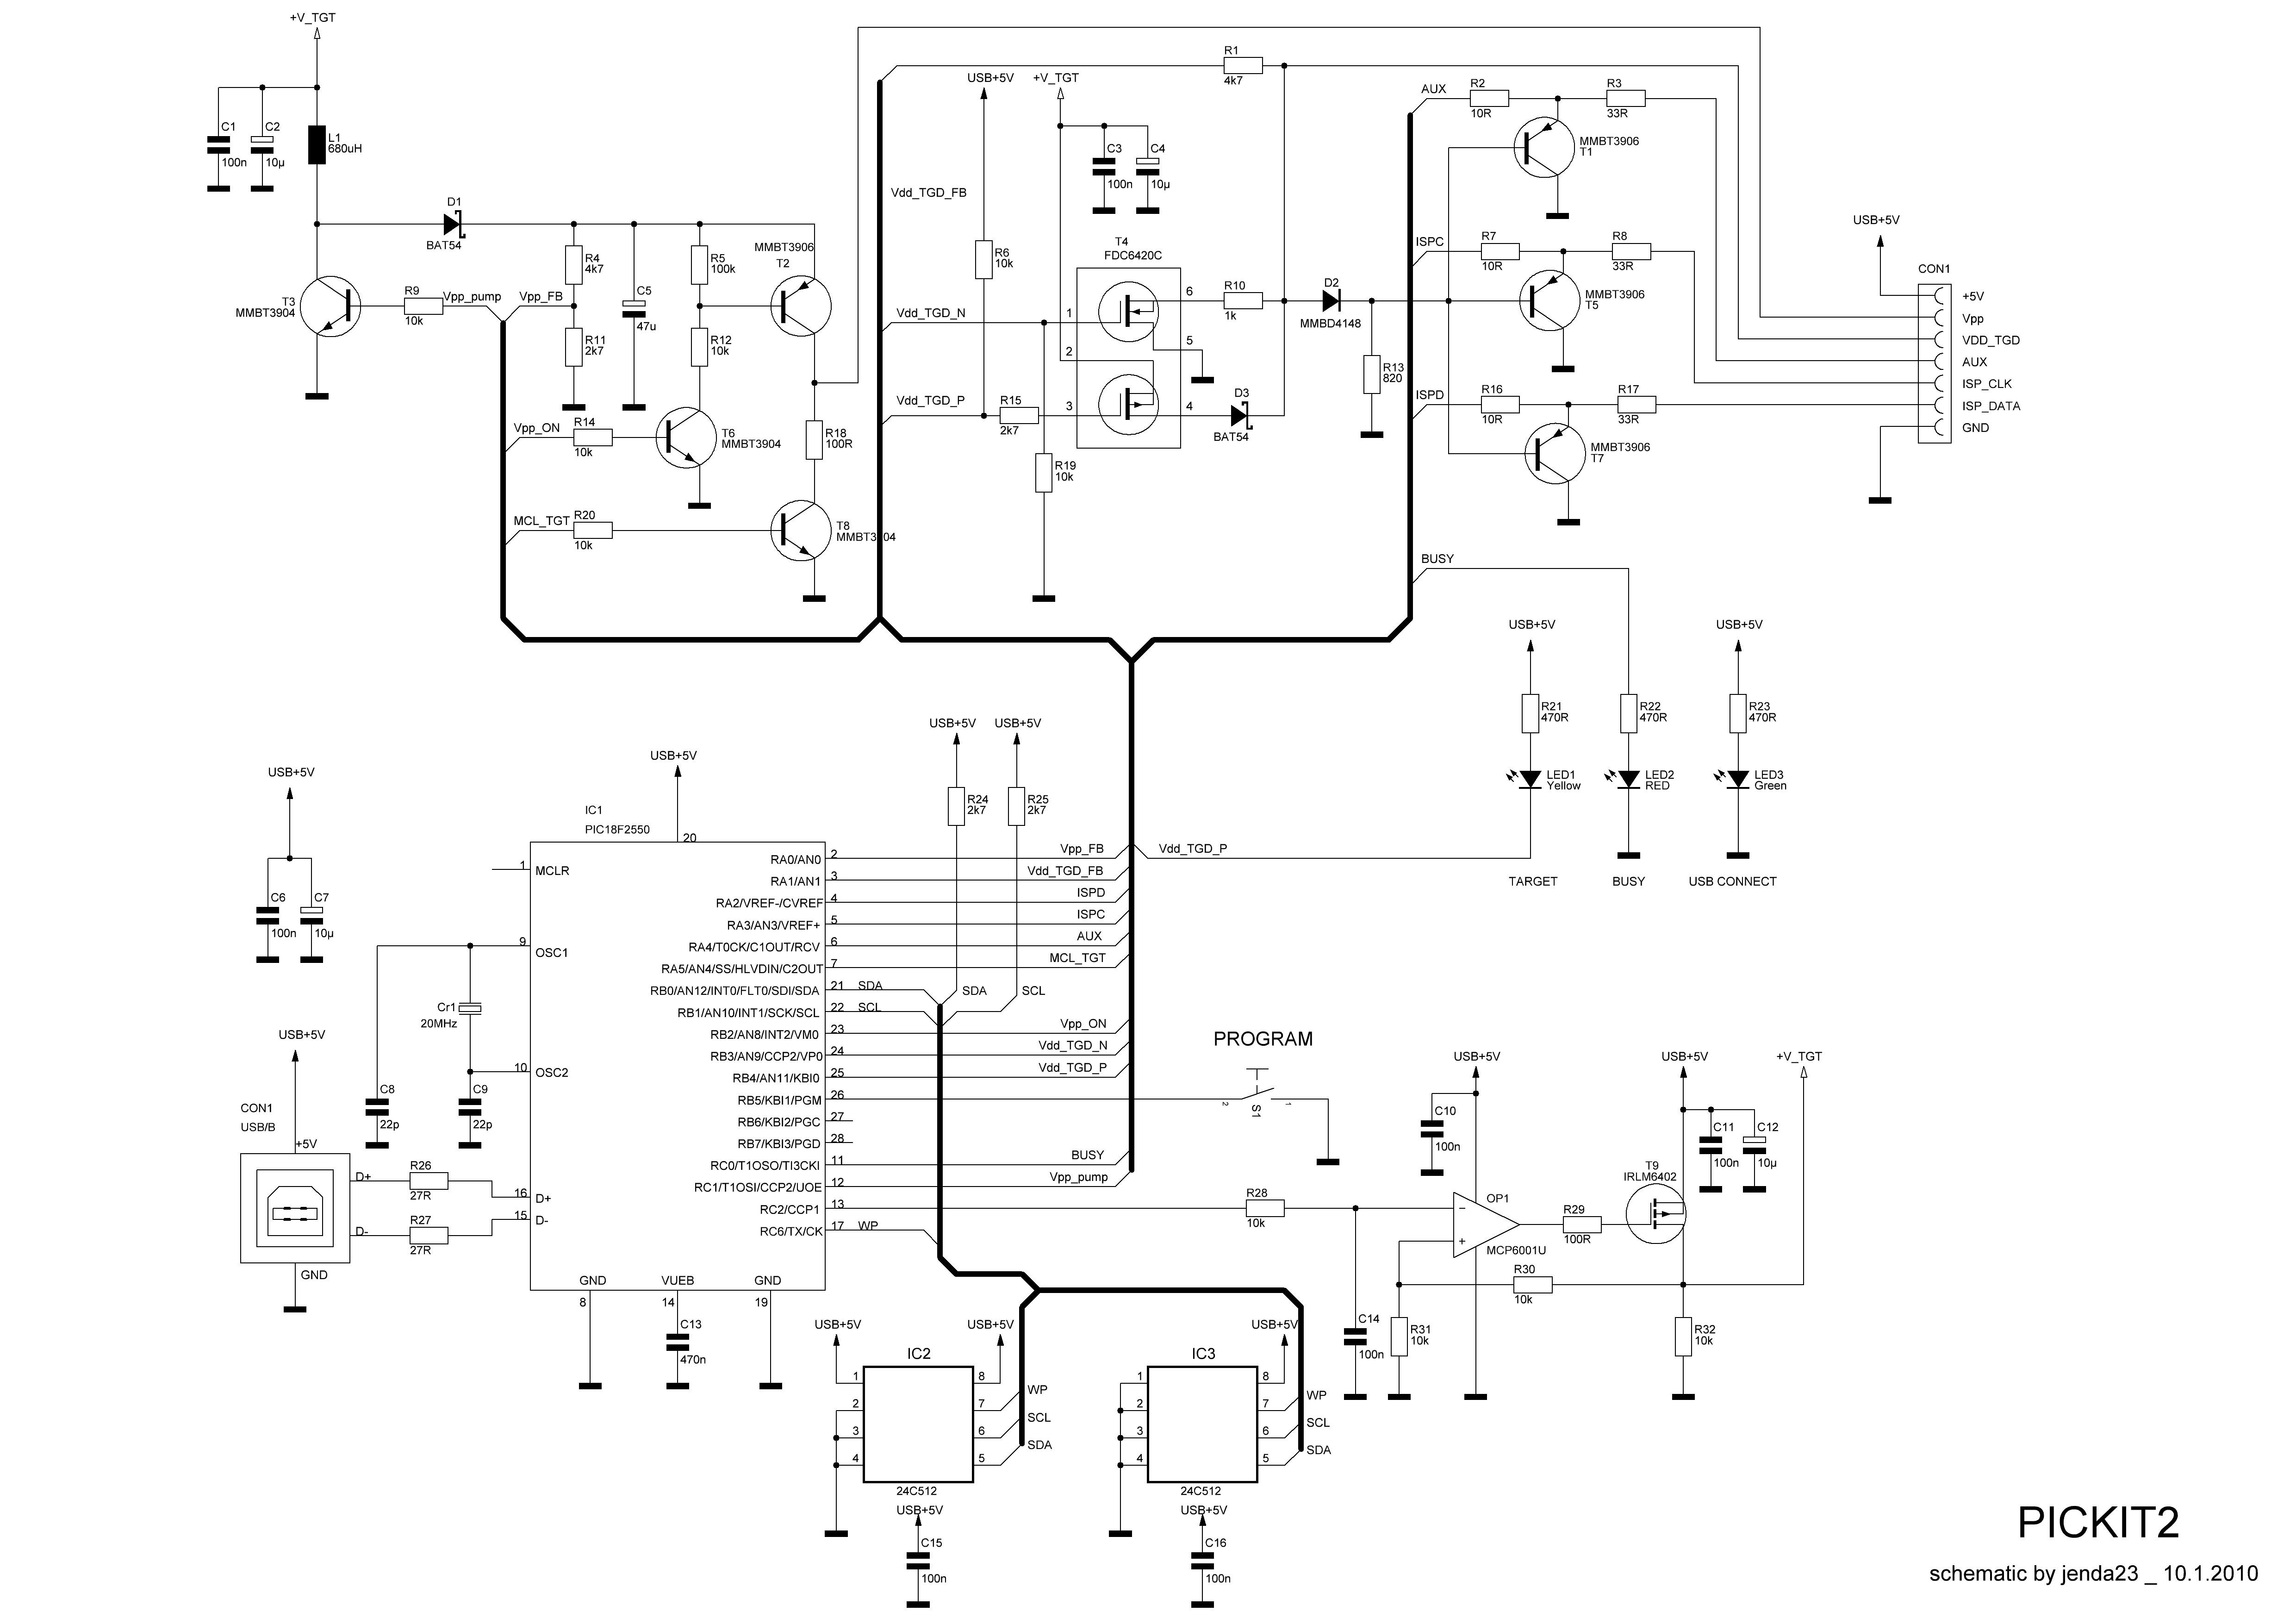 pickit 3 circuit diagram rz 1958  pickit 2 clone schematic wiring  rz 1958  pickit 2 clone schematic wiring